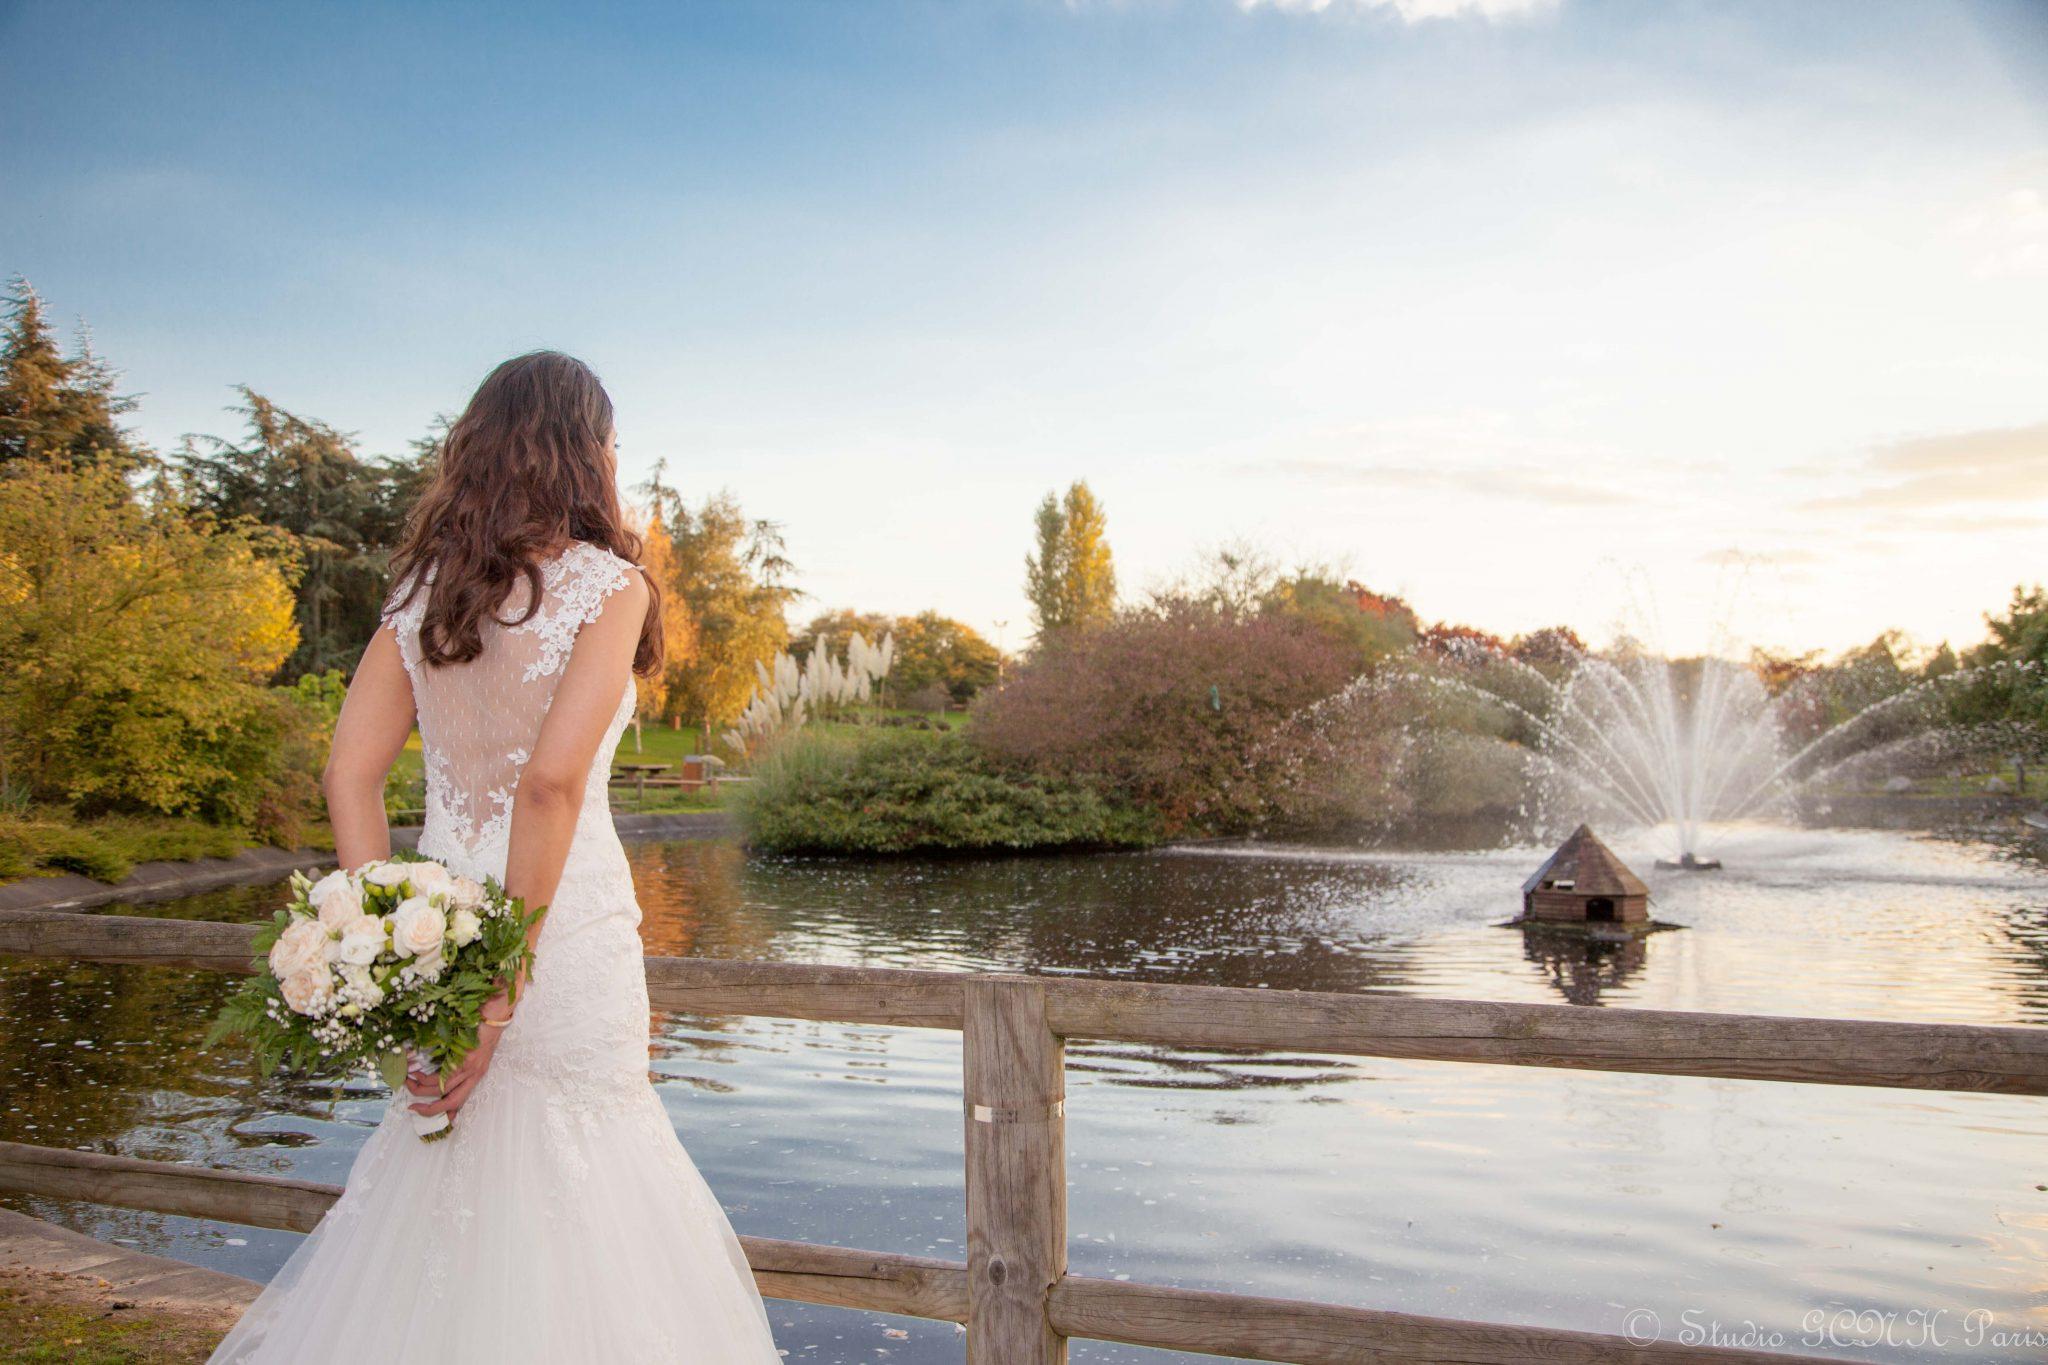 photographe de mariage mariée dans parc avec bouquet ciel bleu